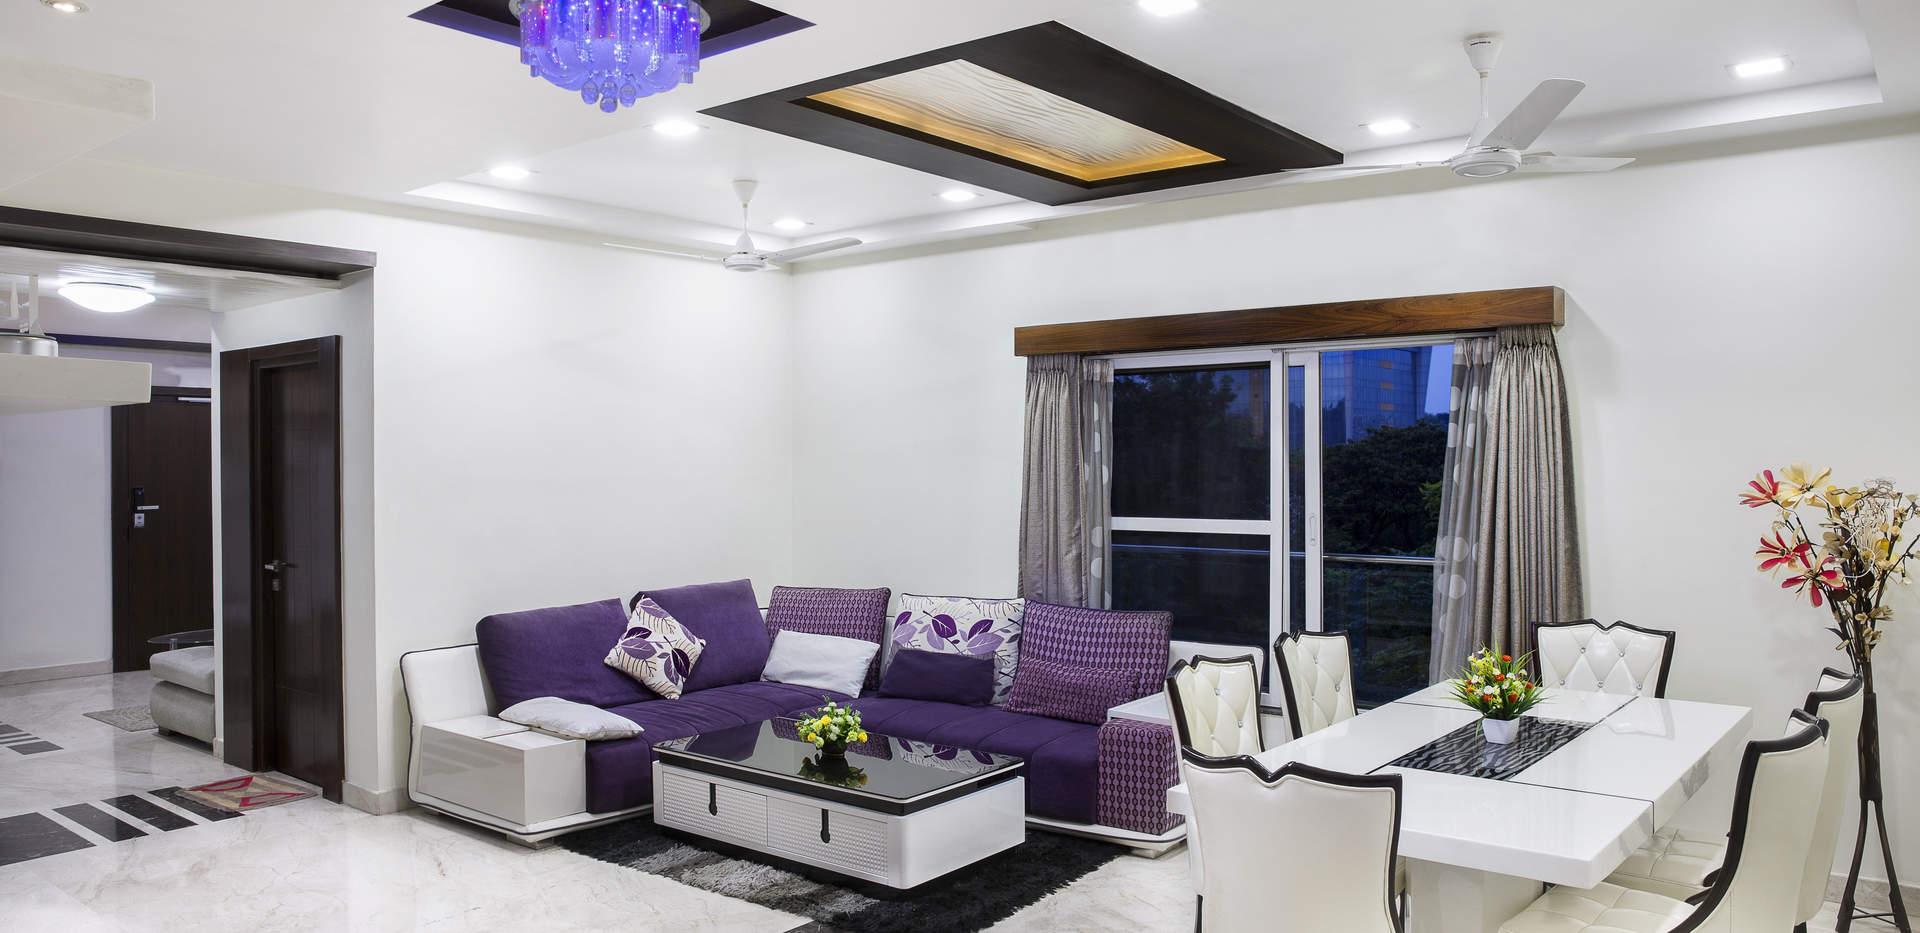 apartment-chair-contemporary-259580.jpg